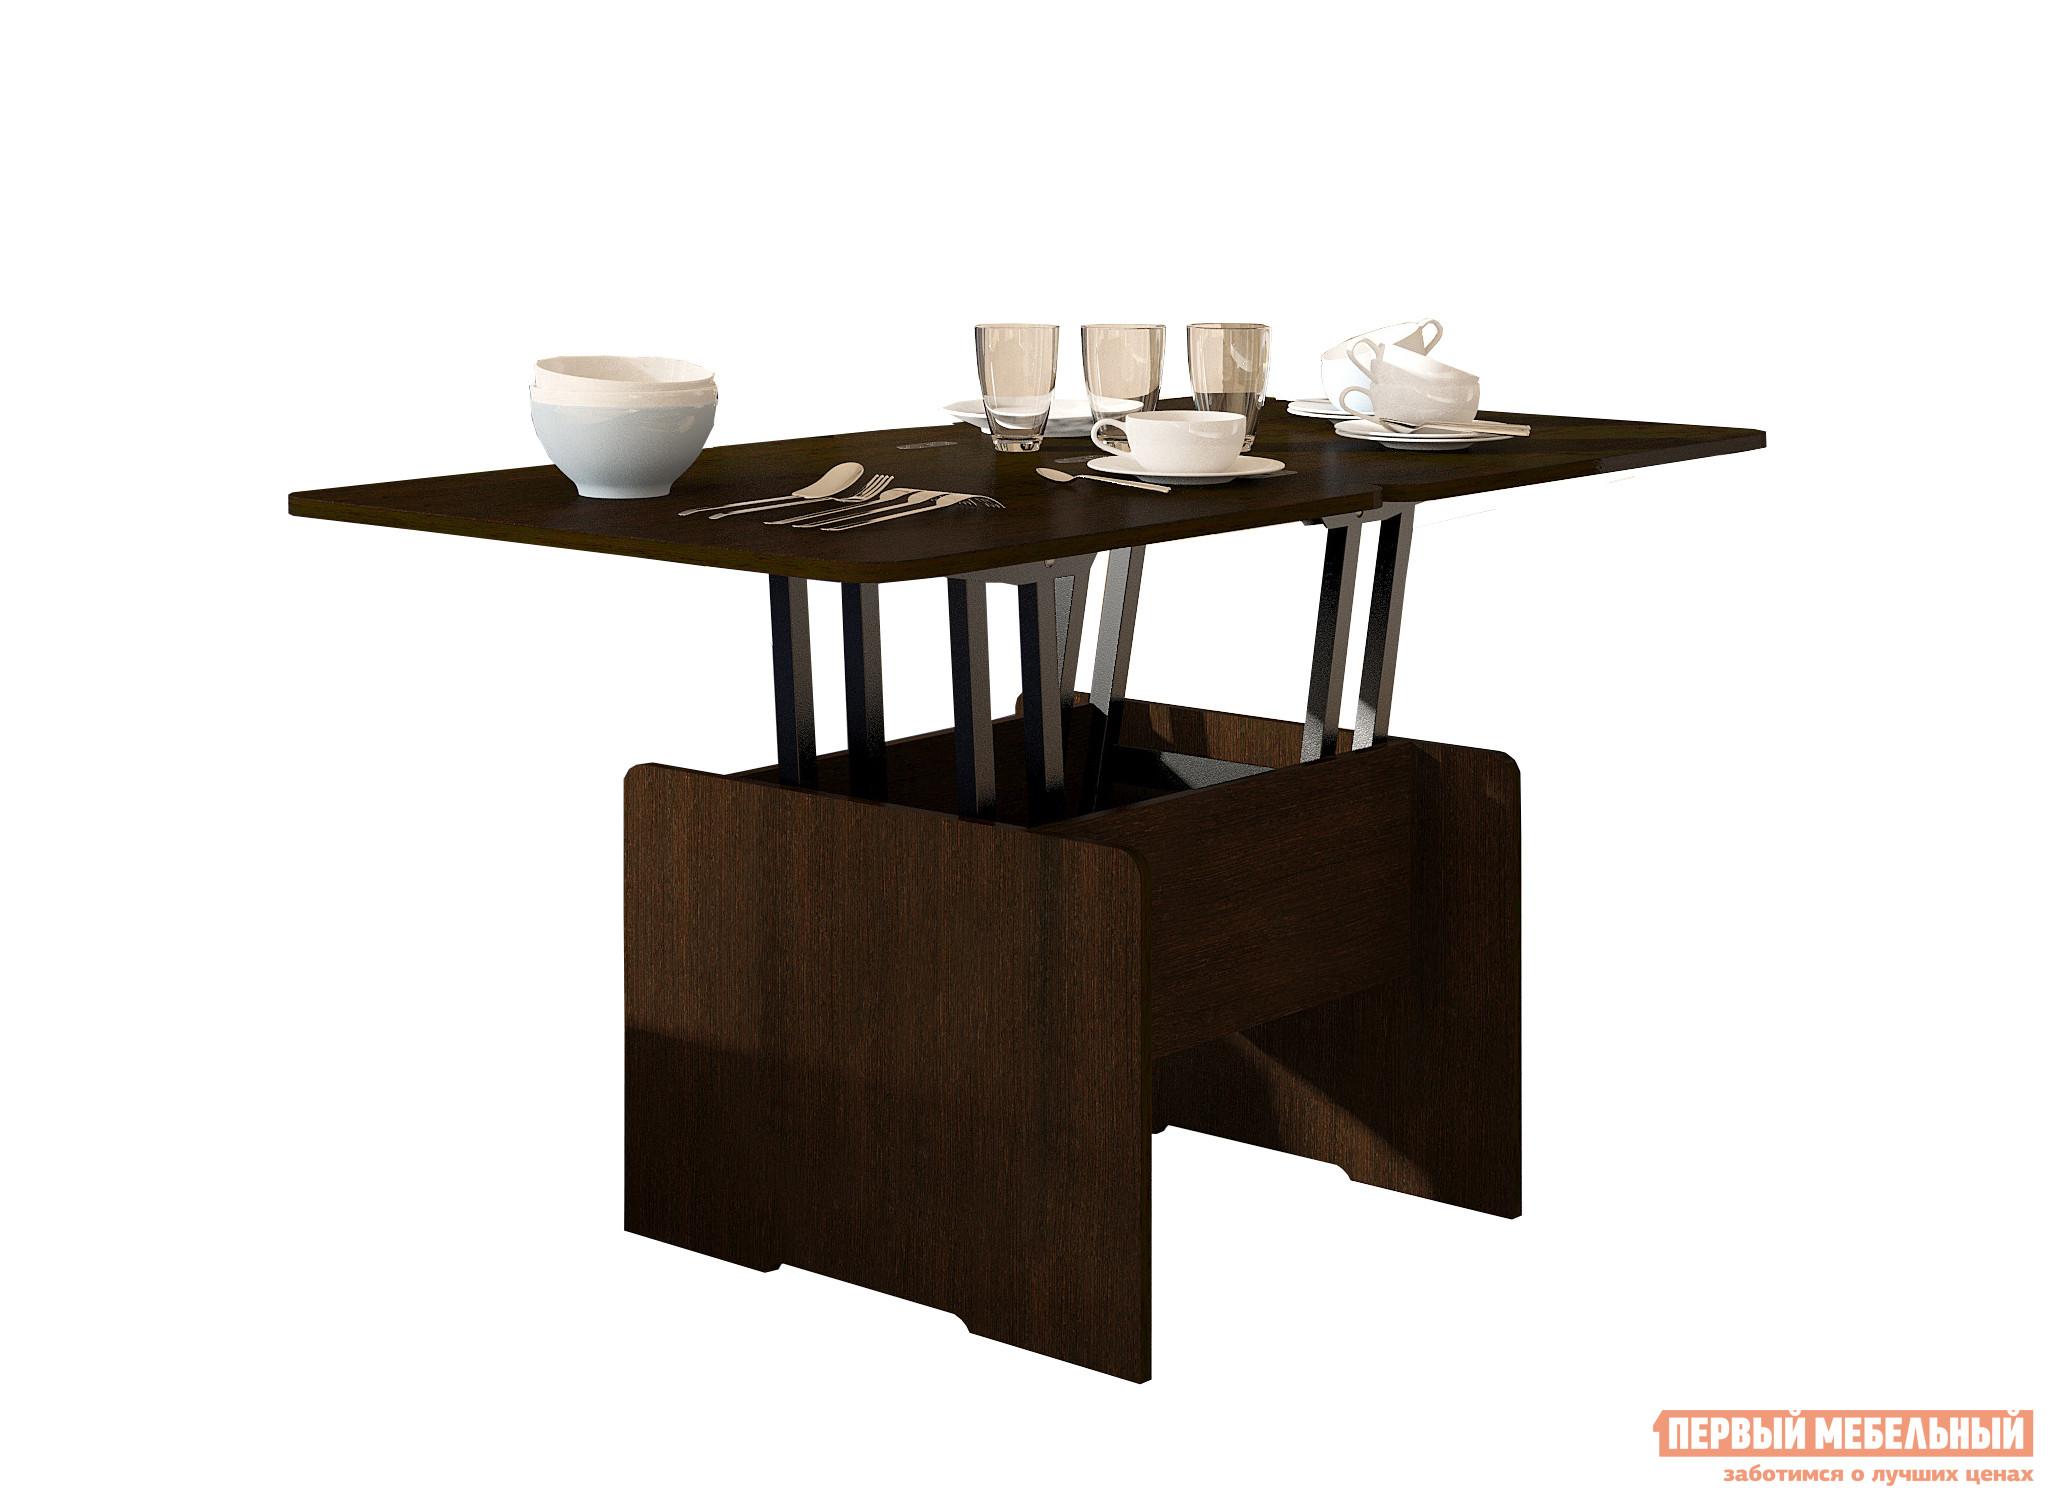 Кухонный стол  Стол-трансформер Альтер Венге — Стол-трансформер Альтер Венге